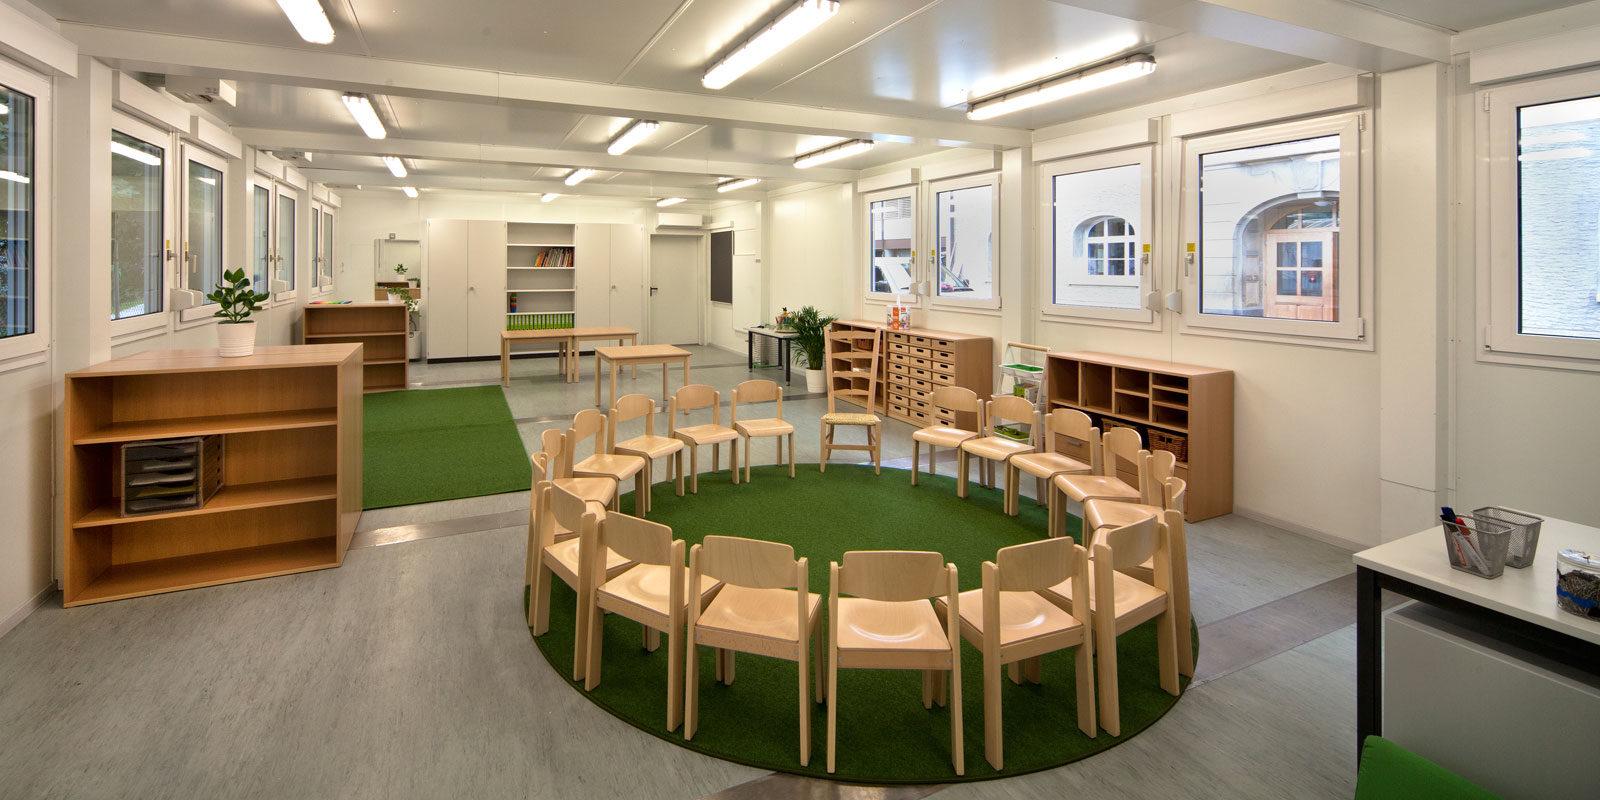 Schule raum innovative einrichtungen f r schulen for Raumgestaltung schule